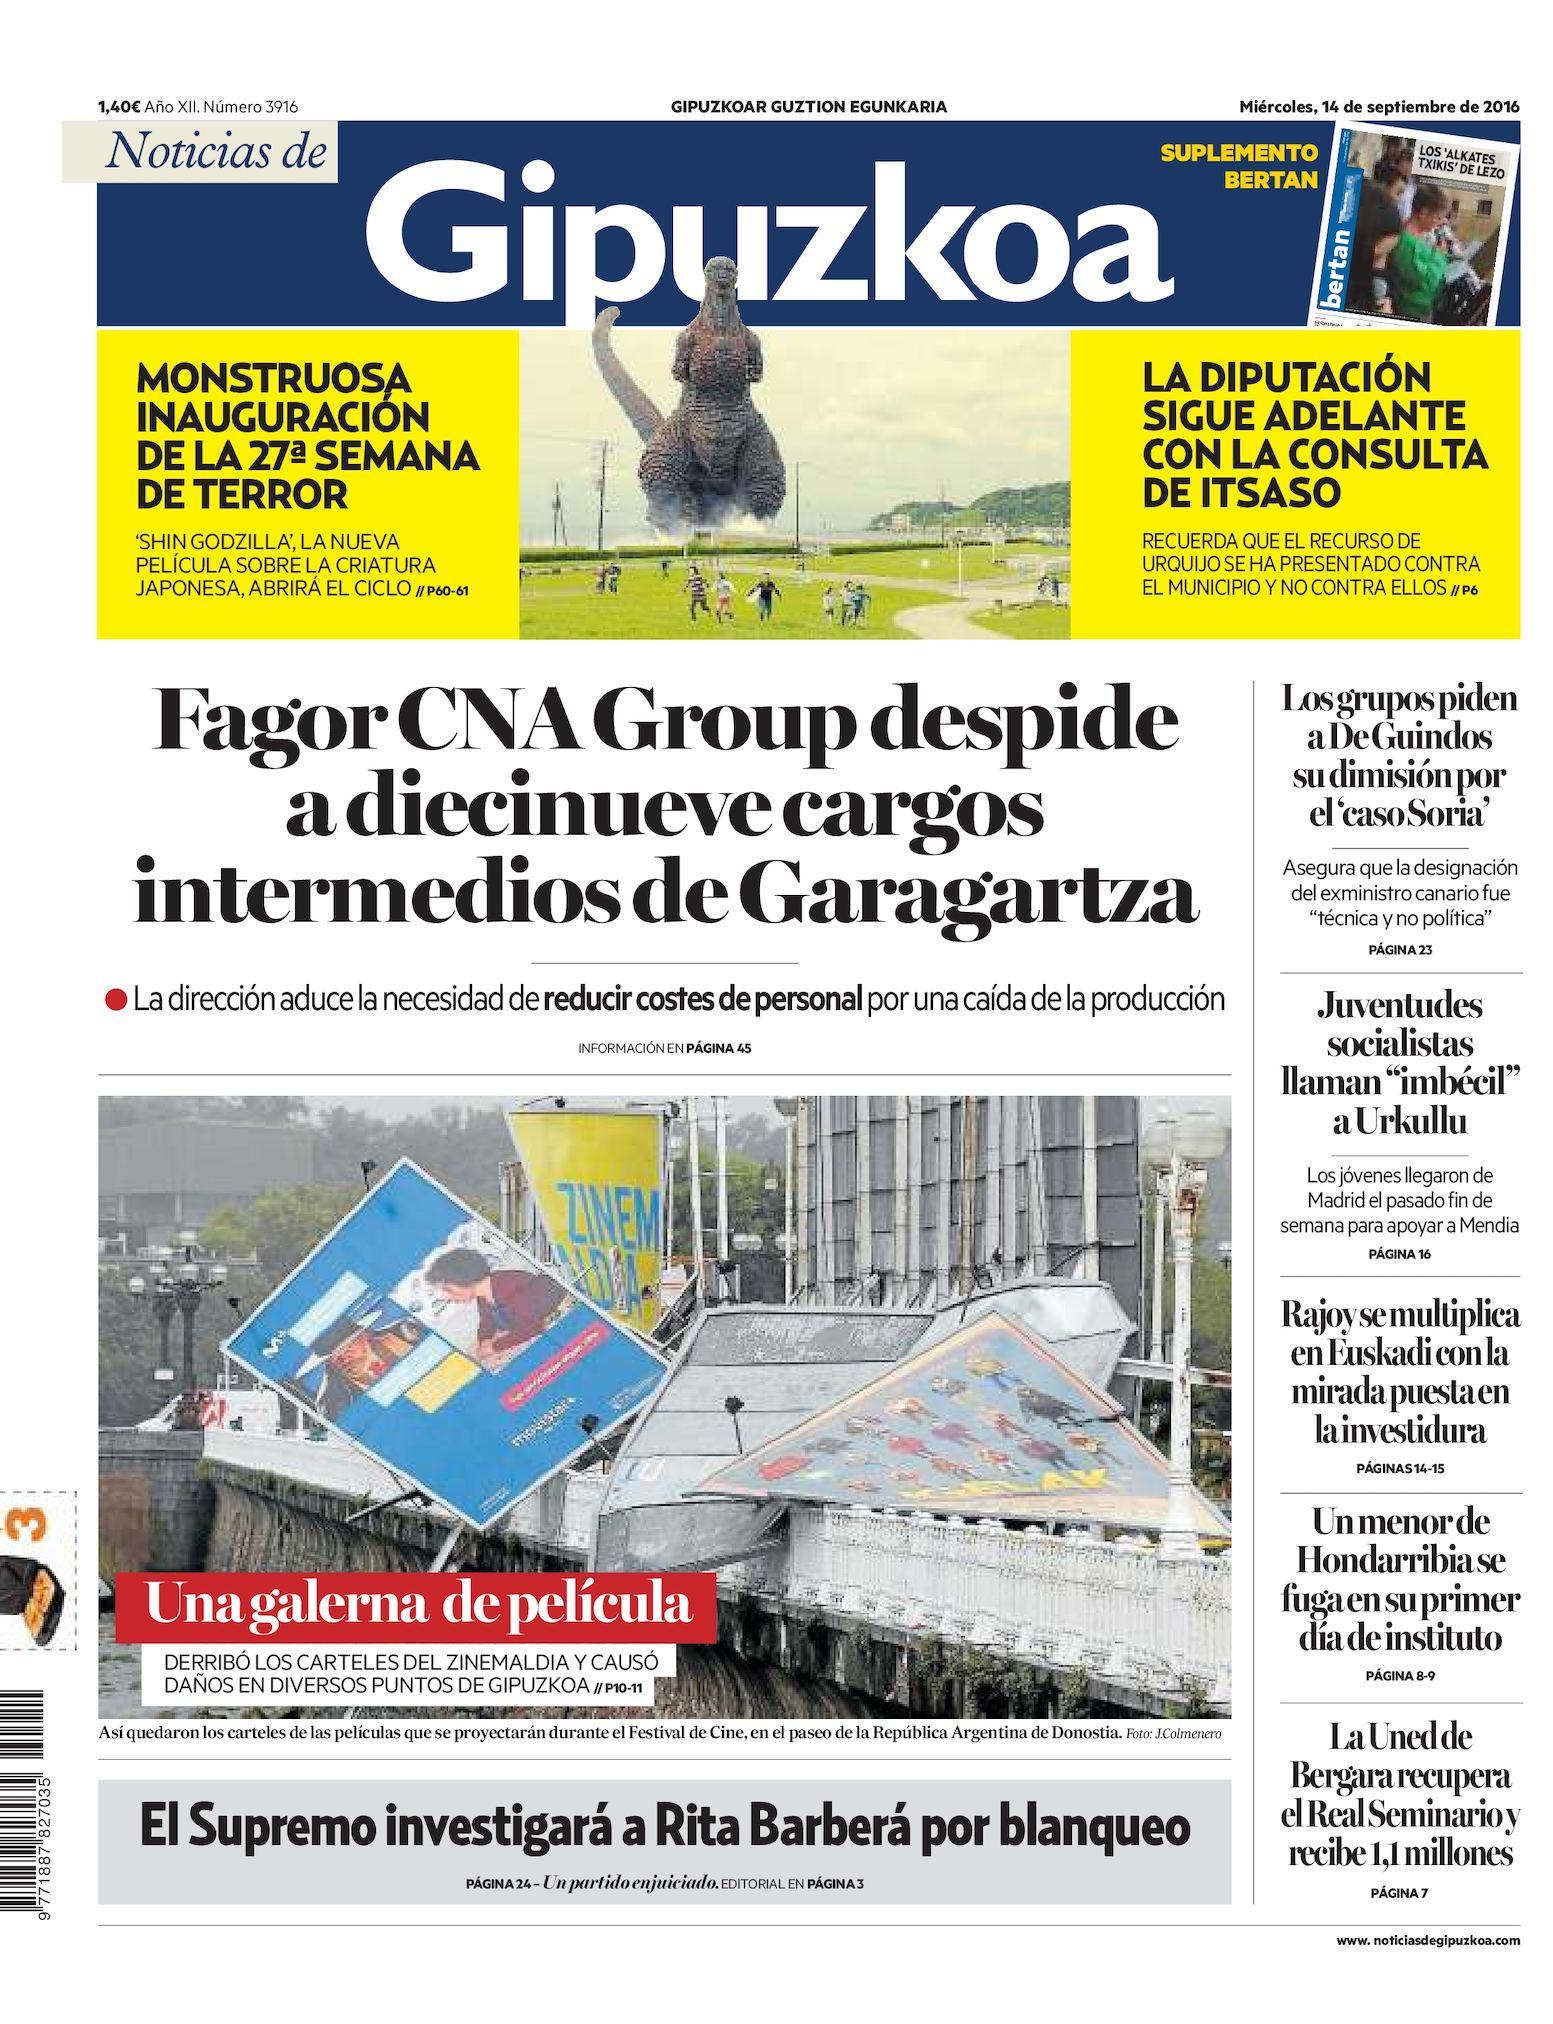 Calaméo De De 20160914 Noticias Gipuzkoa Calaméo Noticias Gipuzkoa iZPXuk